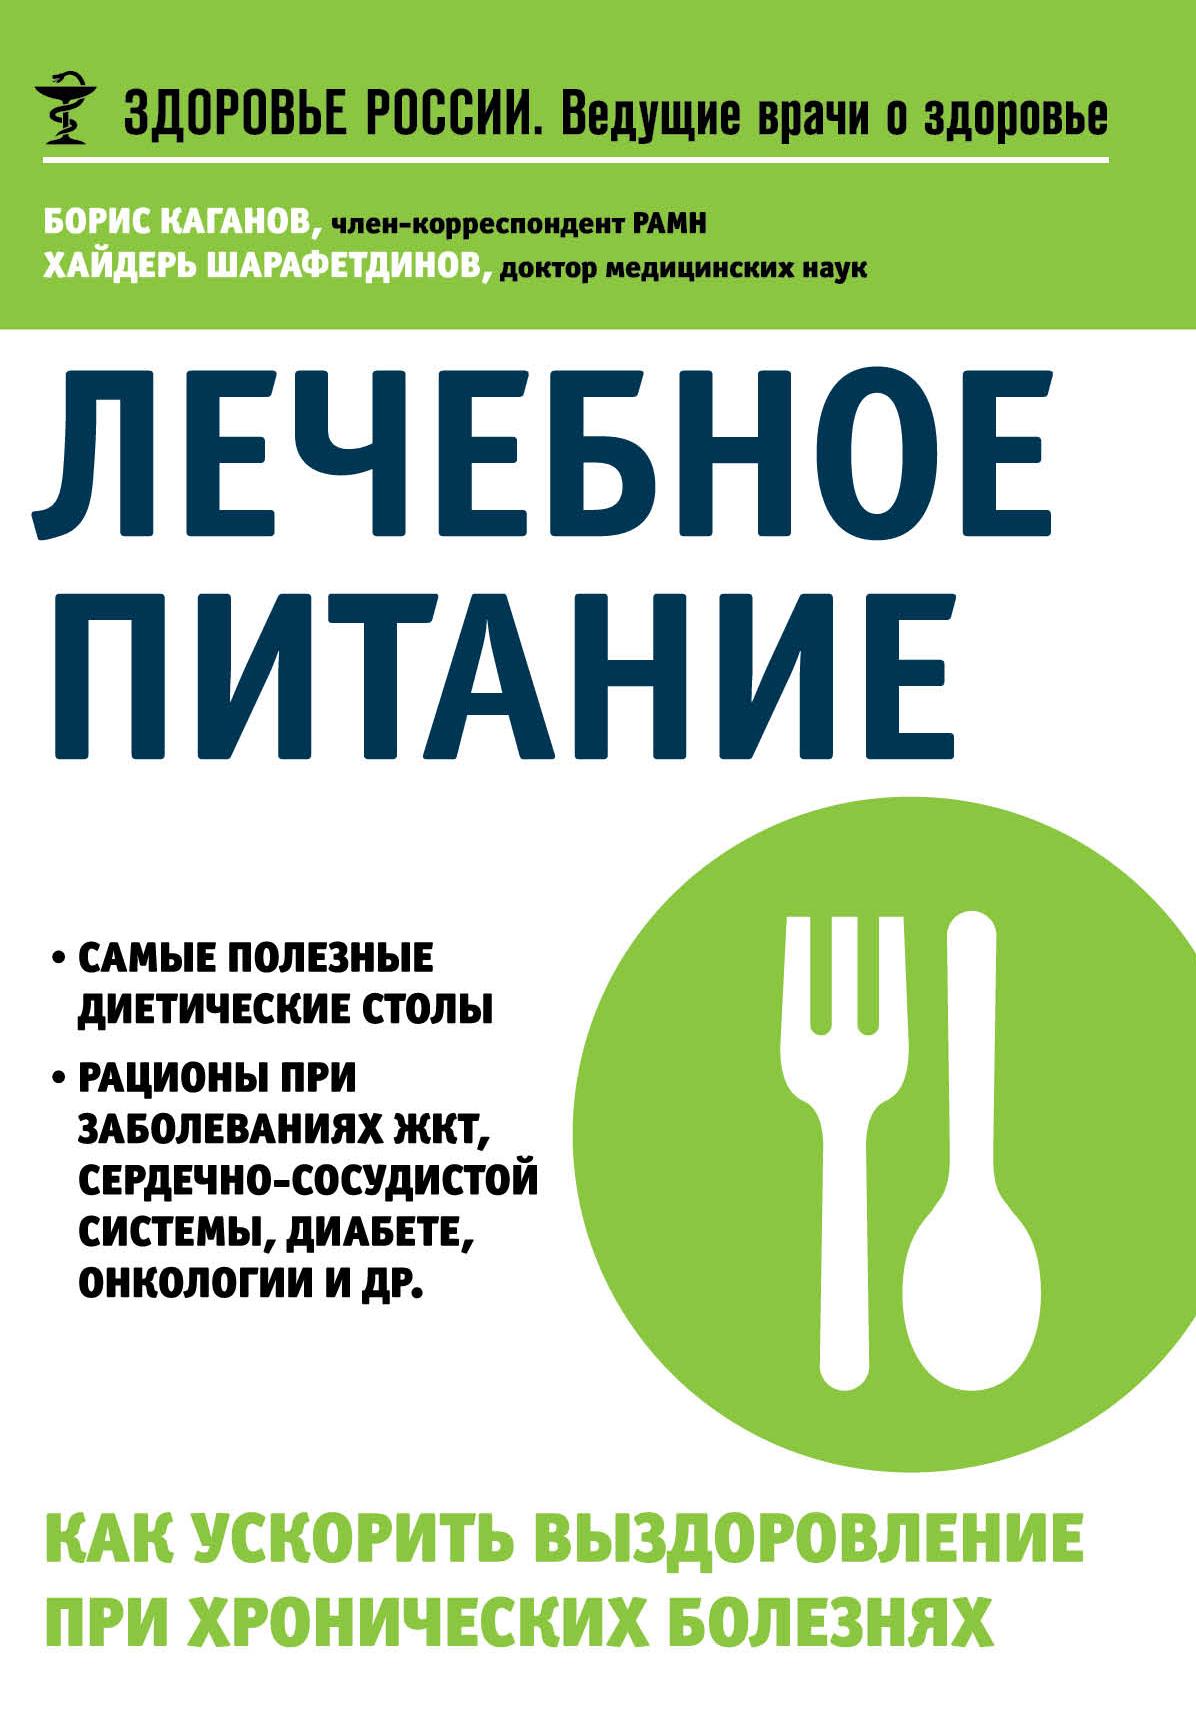 Лечебное питание. Как ускорить выздоровление при хронических болезнях ( Каганов Б.С., Шарафетдинов Х.Х.  )